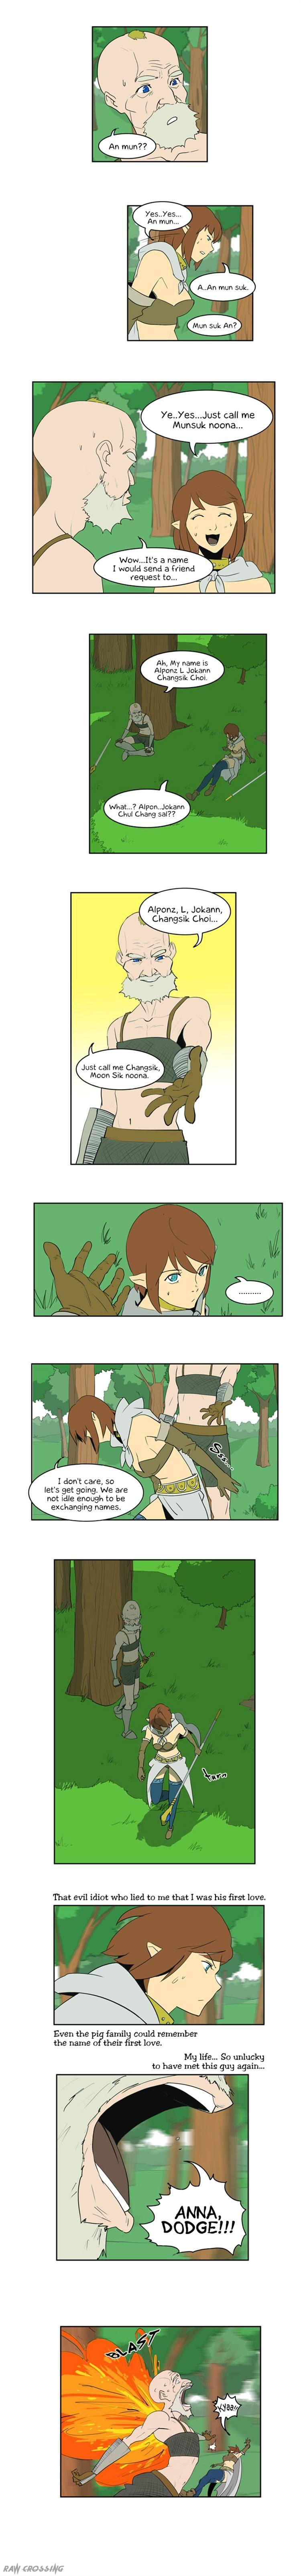 Dragon's Son Changsik 8 Page 4